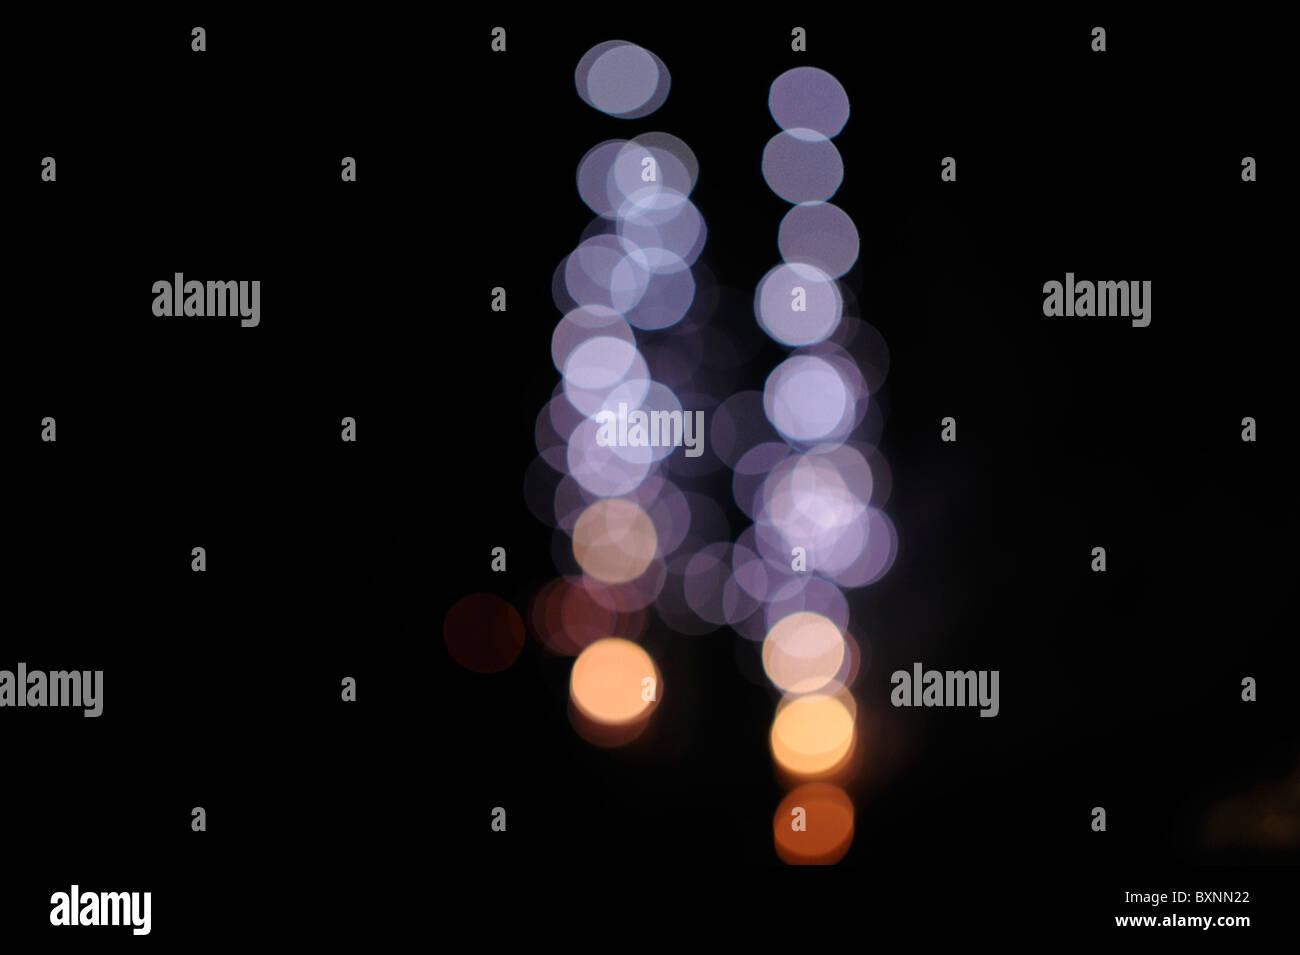 Motifs de lumière abstraite Photo Stock